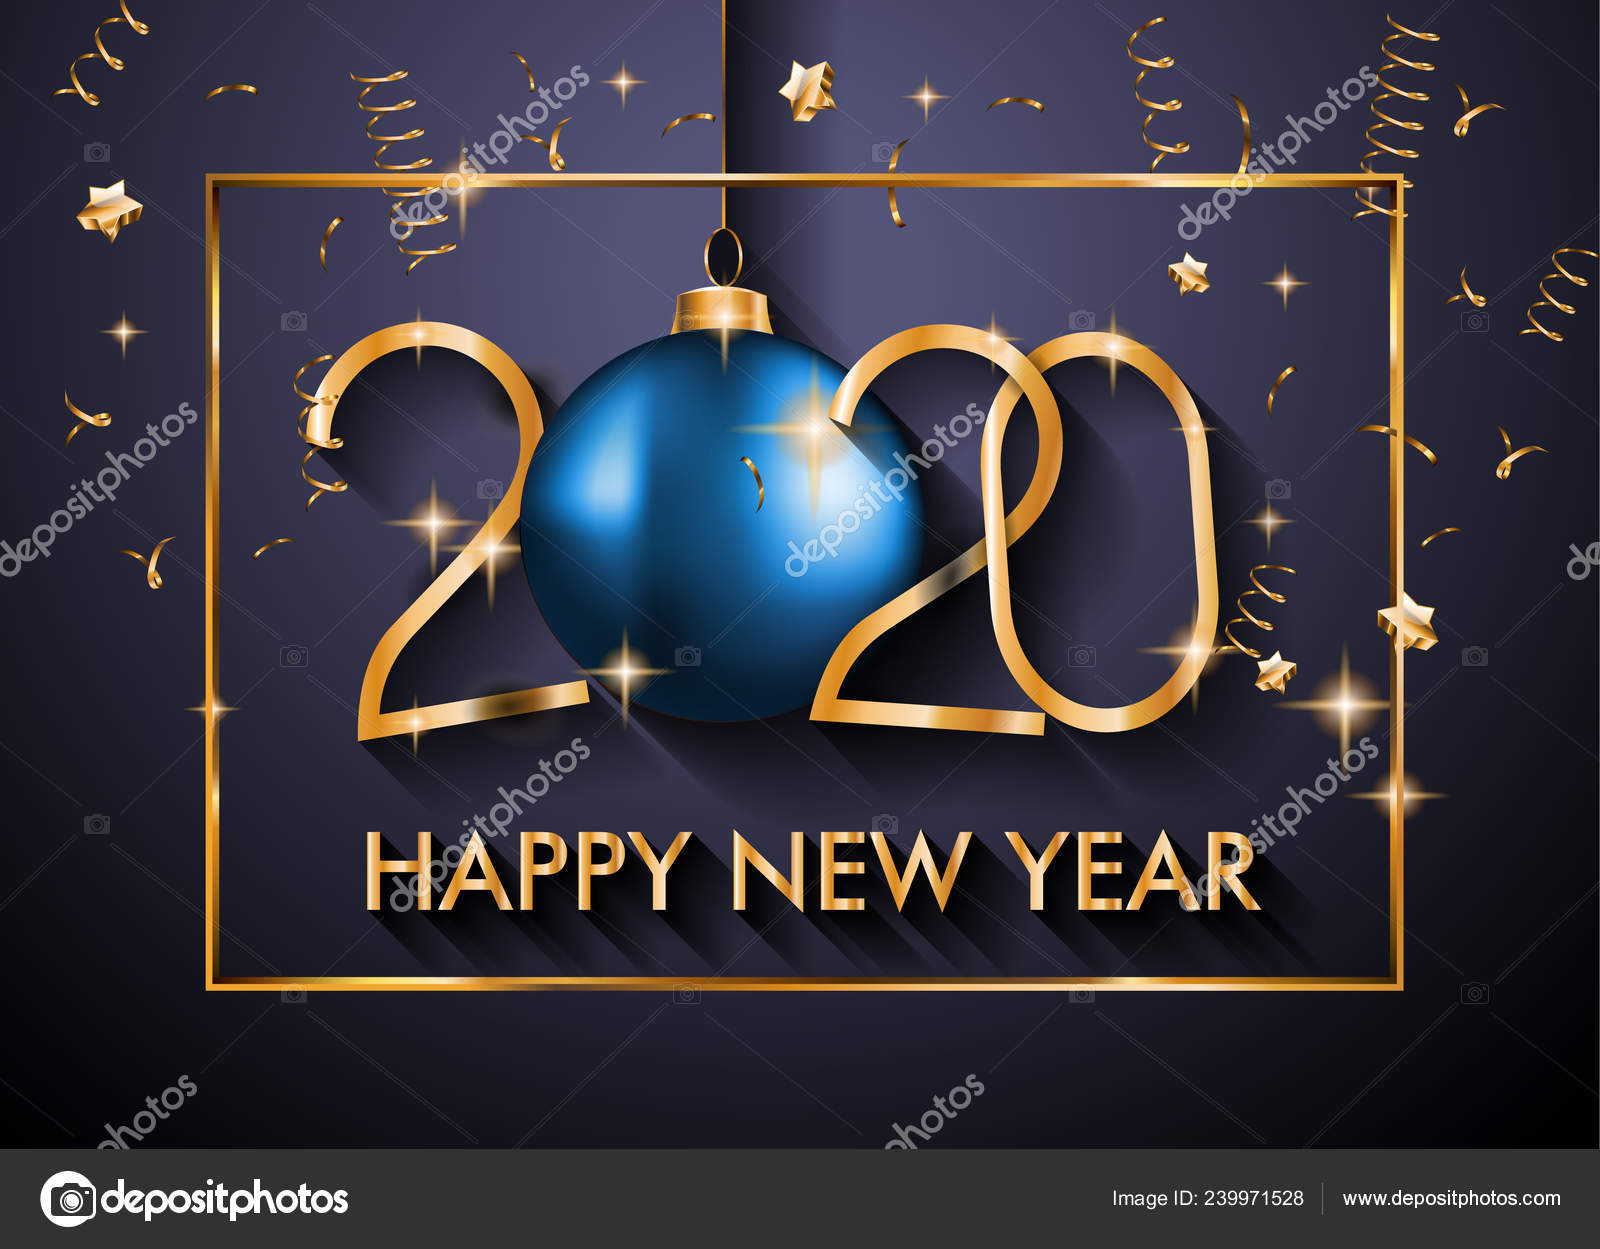 2020 Feliz Año Nuevo Fondo Para Tus Invitaciones Temáticas